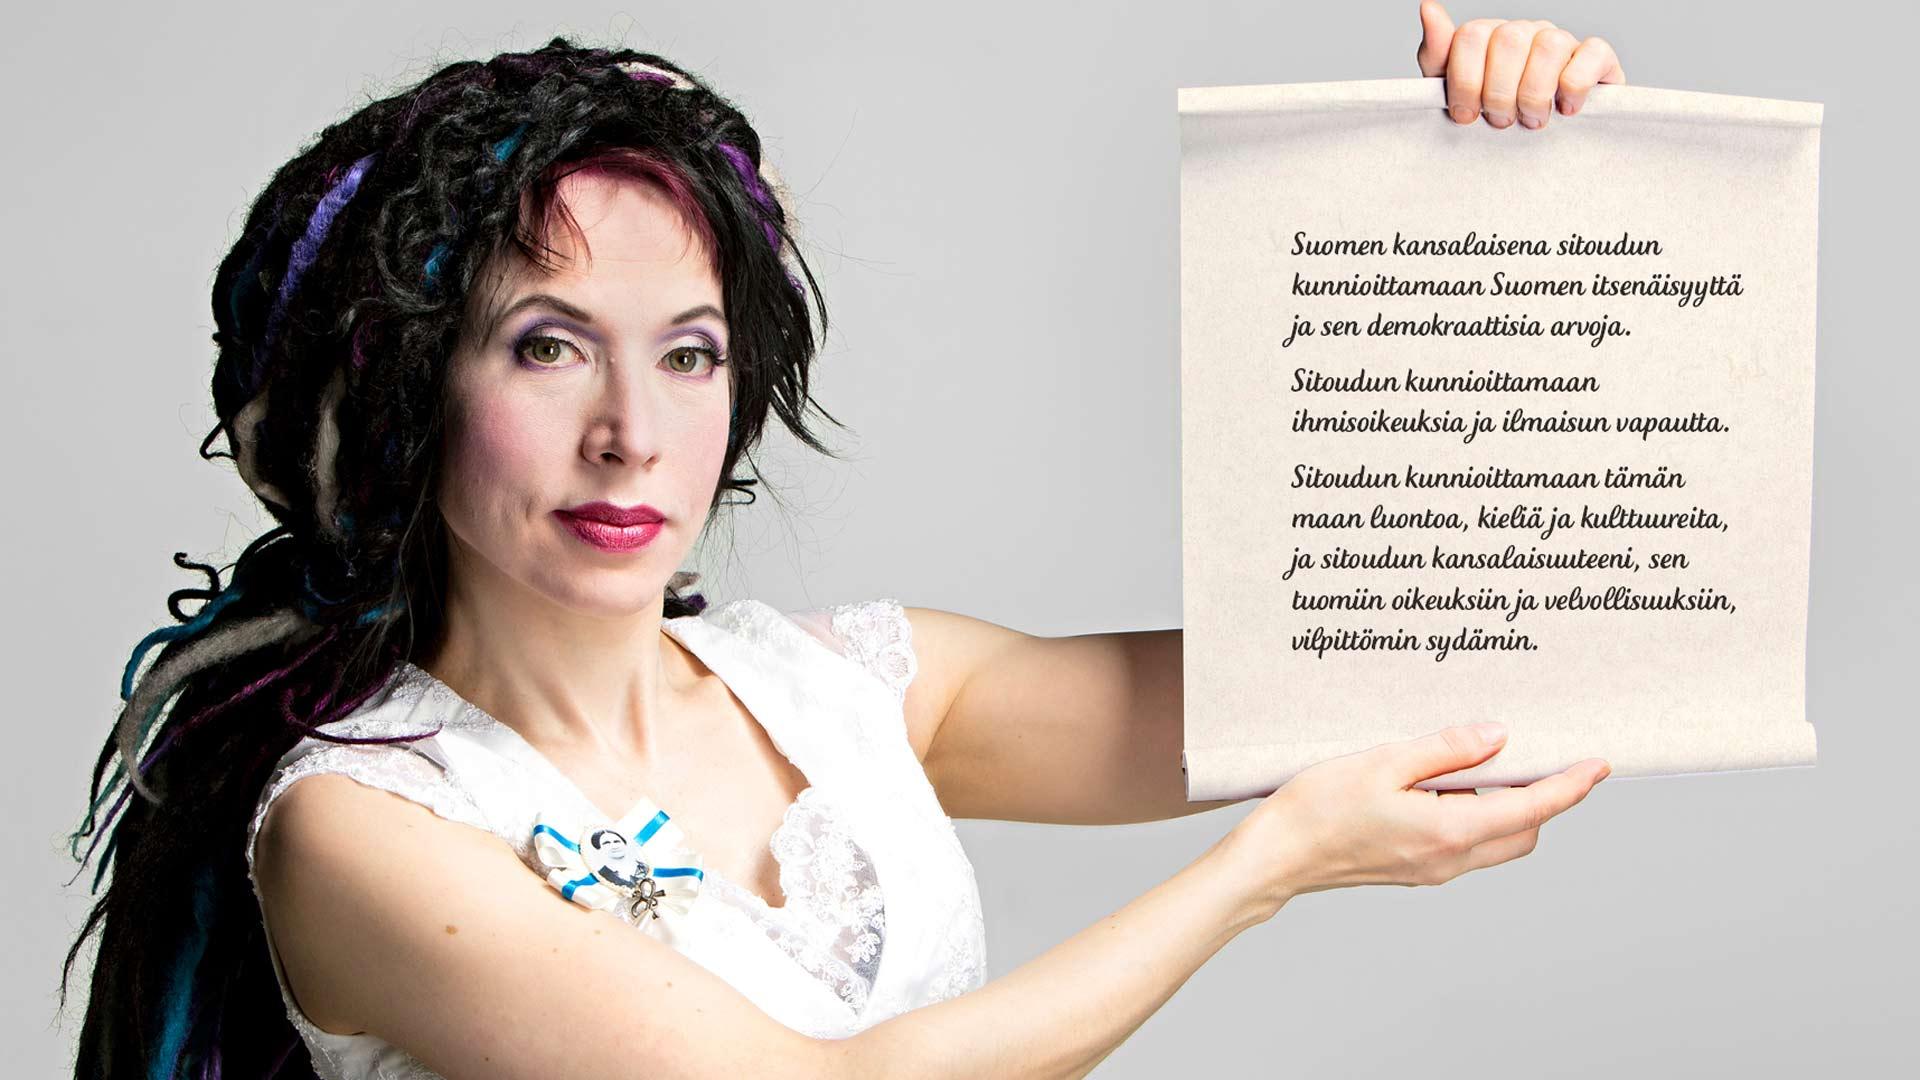 Kirjailija Sofi Oksanen laati Suomelle kansallisuusvalan